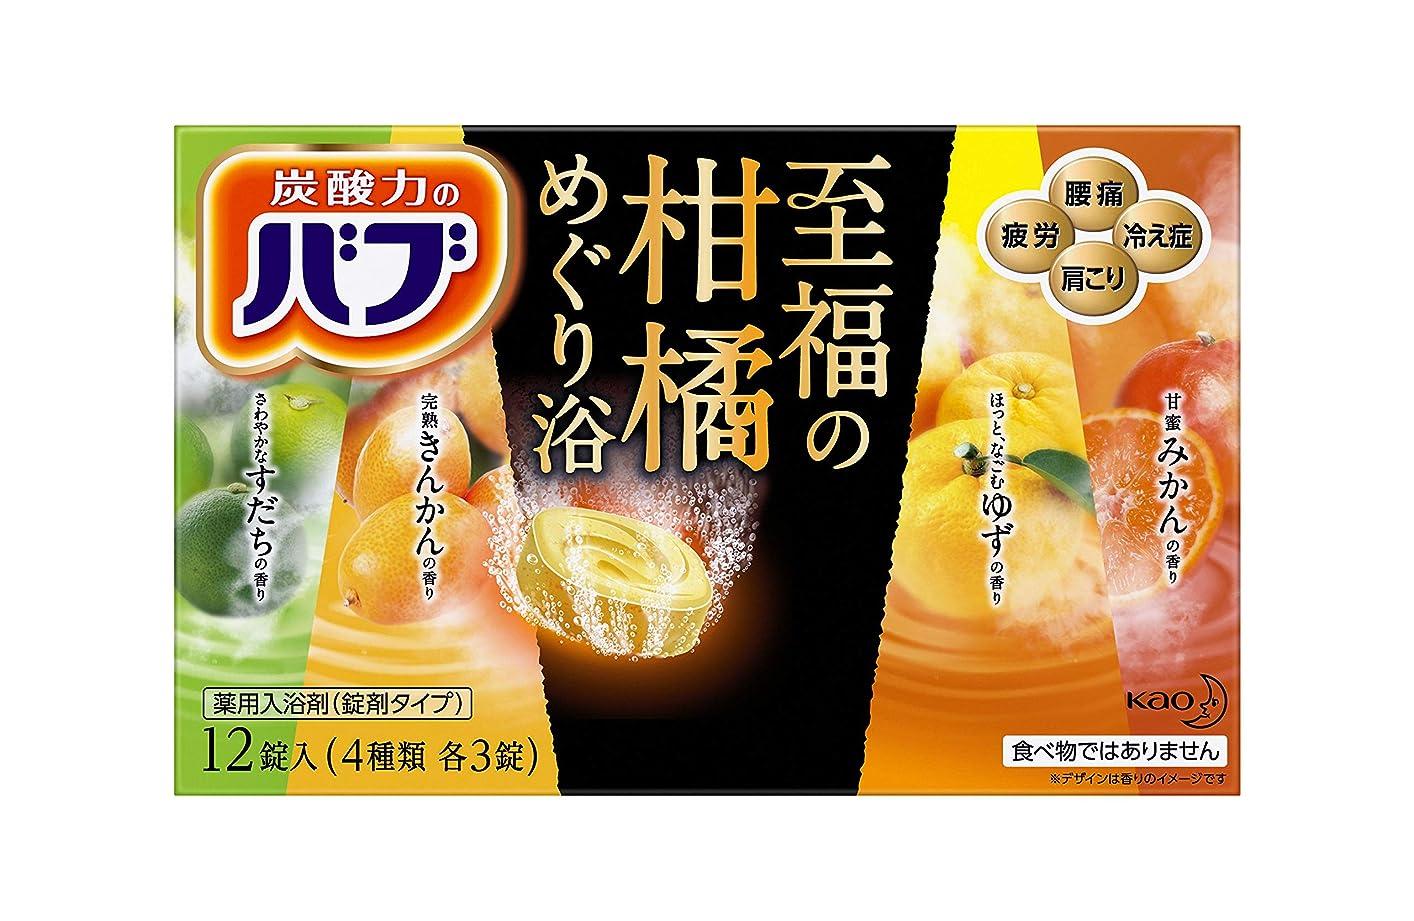 派手哲学者芽バブ 至福の柑橘めぐり浴 12錠入 (4種類各3錠入)